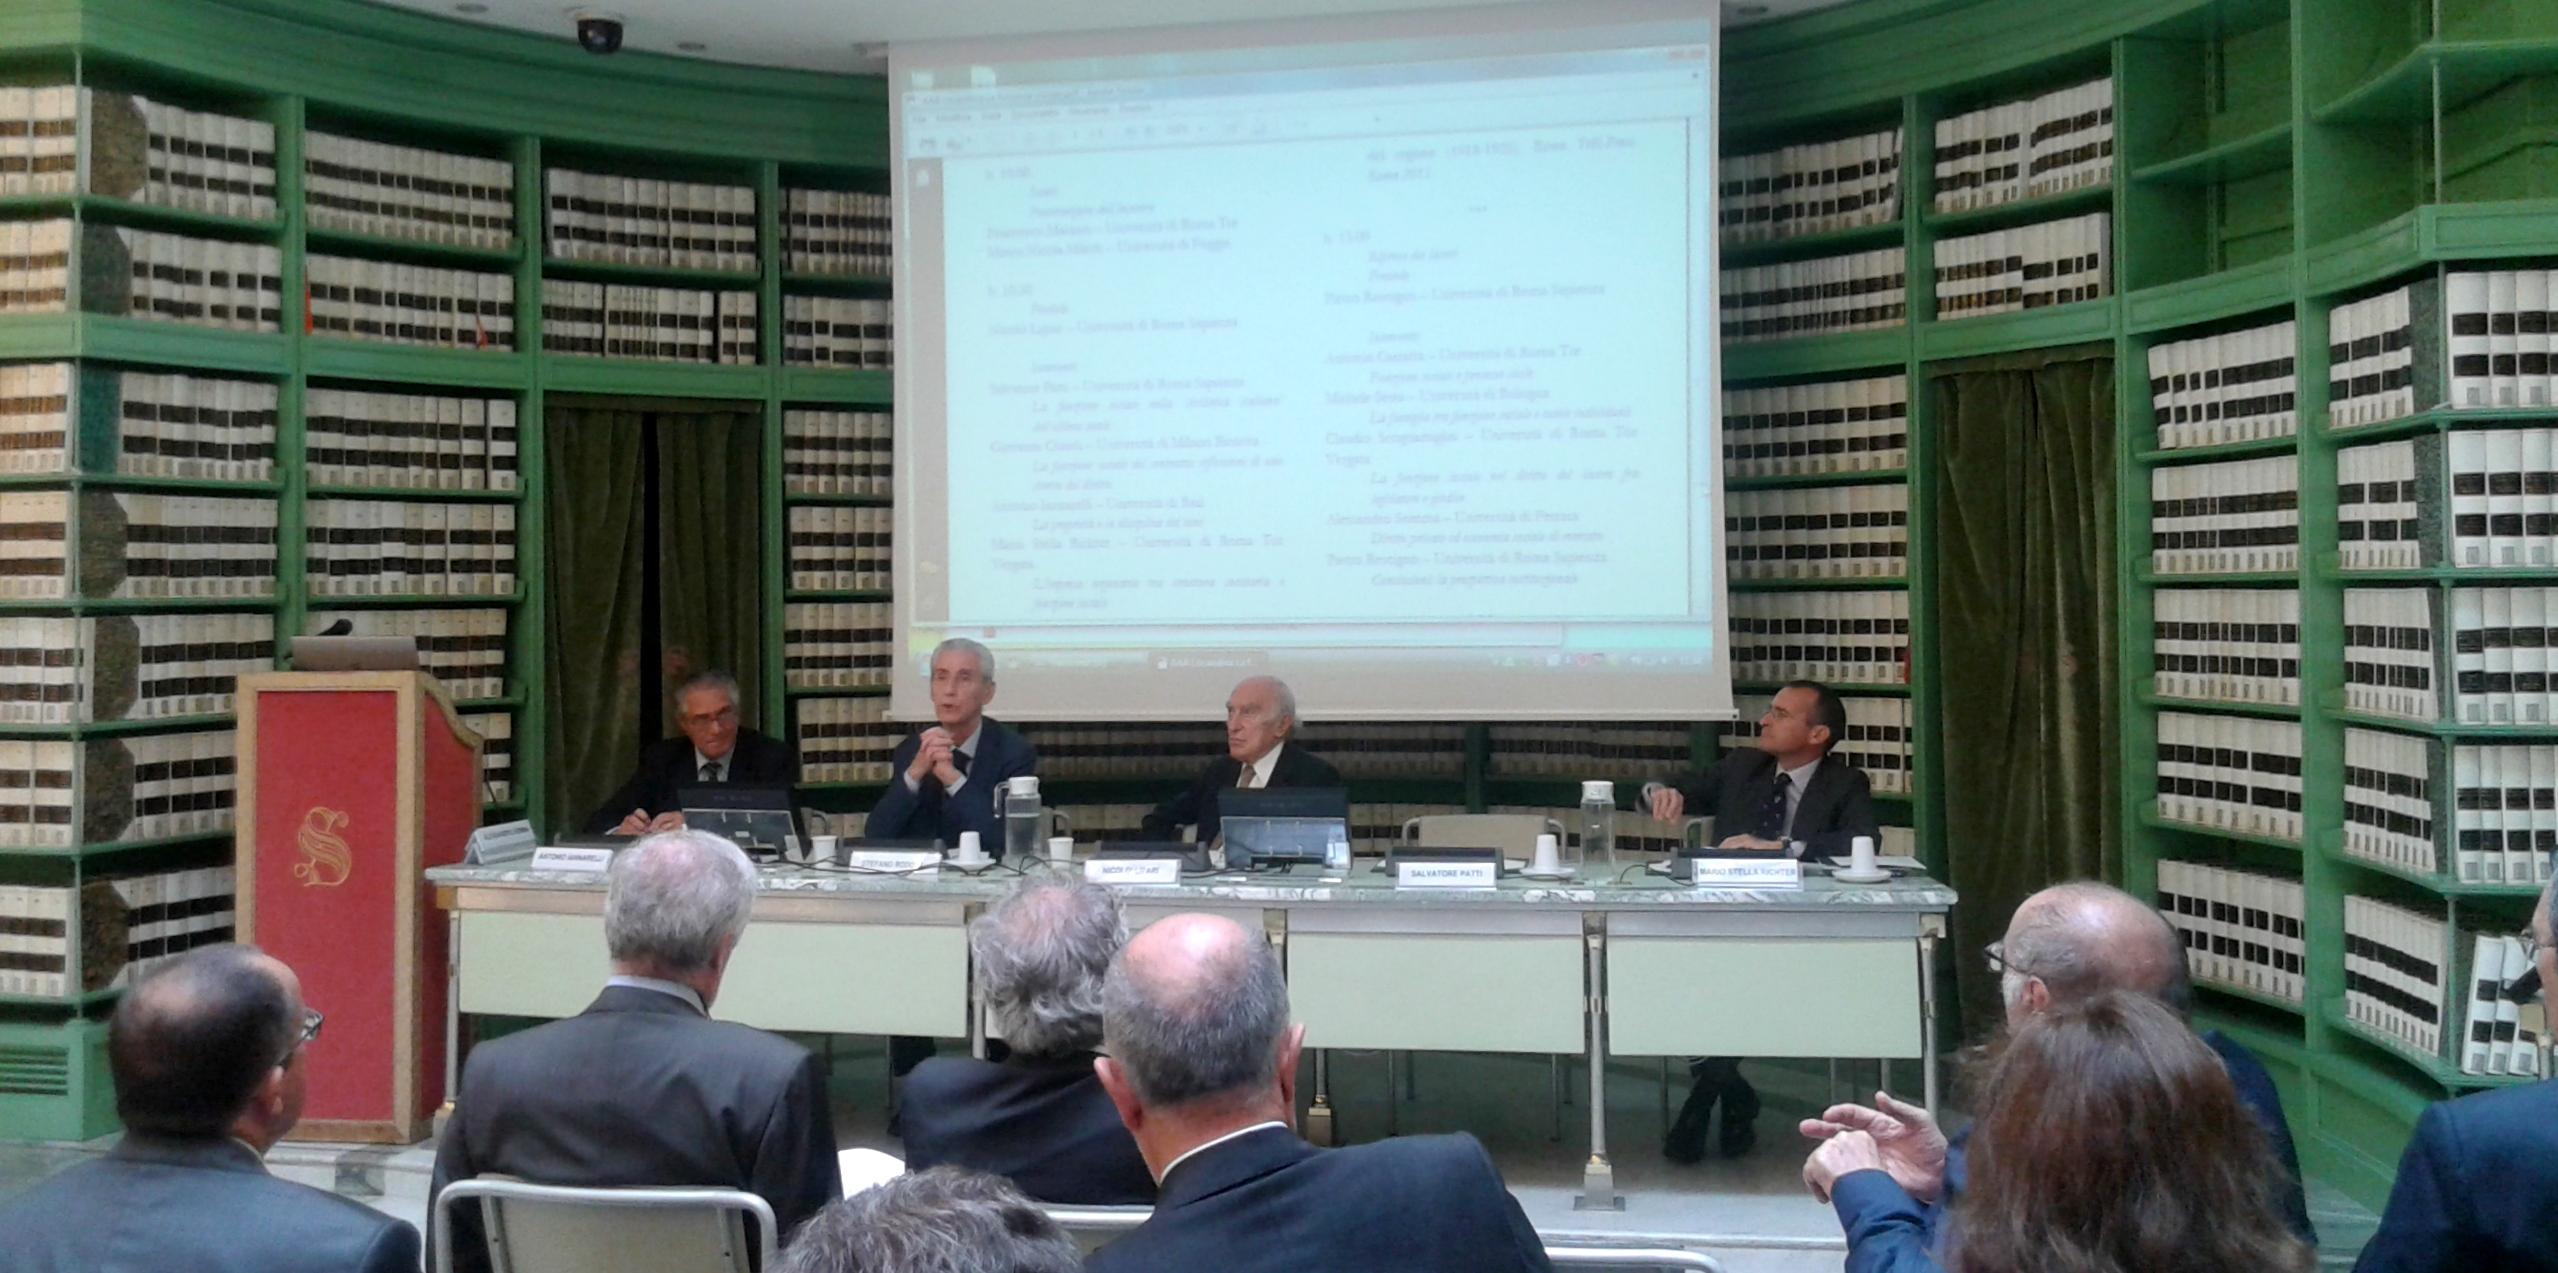 Da sinistra: Antonio Iannarelli, Stefano Rodotà, Nicolò Lipari e Mario Stella Richter